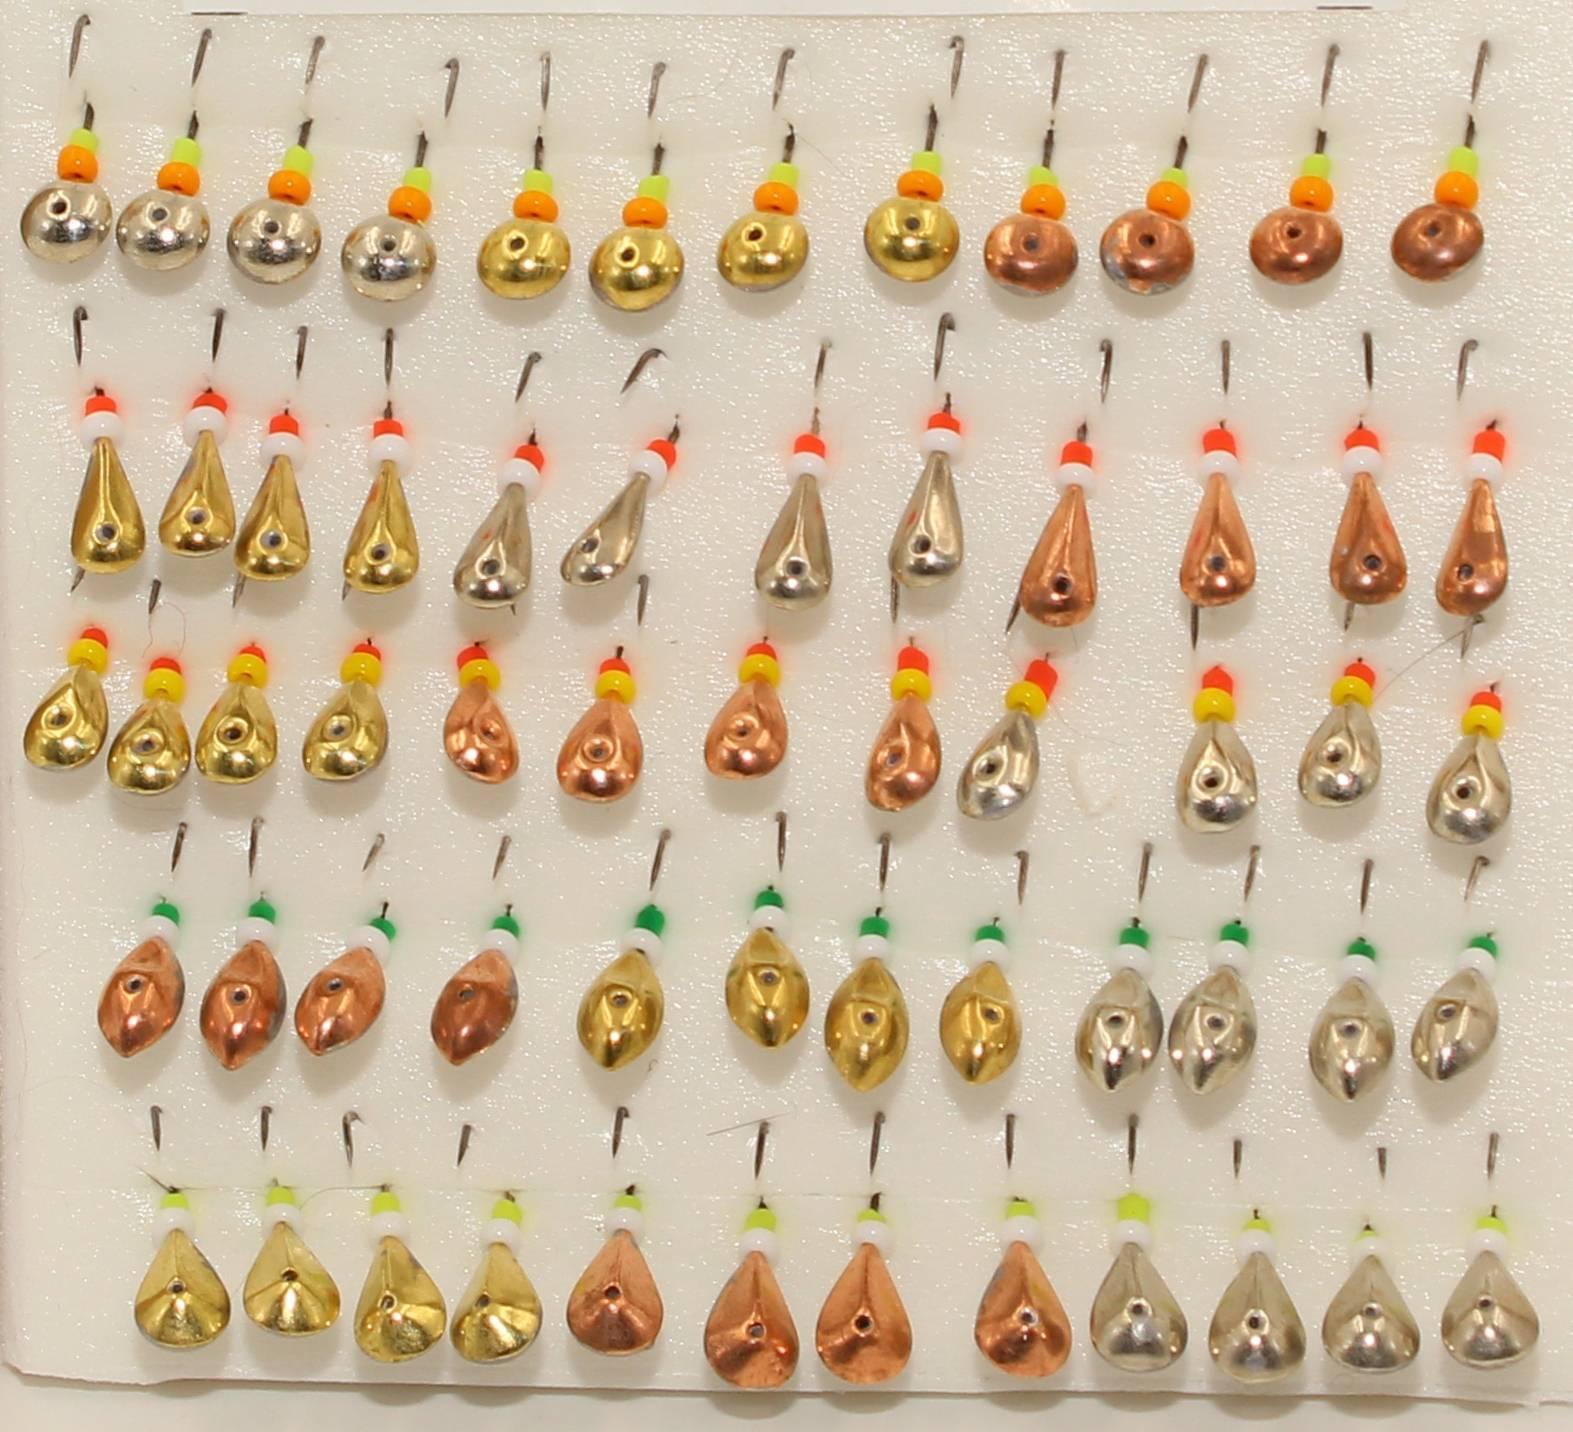 Безнасадочные мормышки: советы по выбору и видео описание как применять для зимней рыбалки (115 фото и видео)